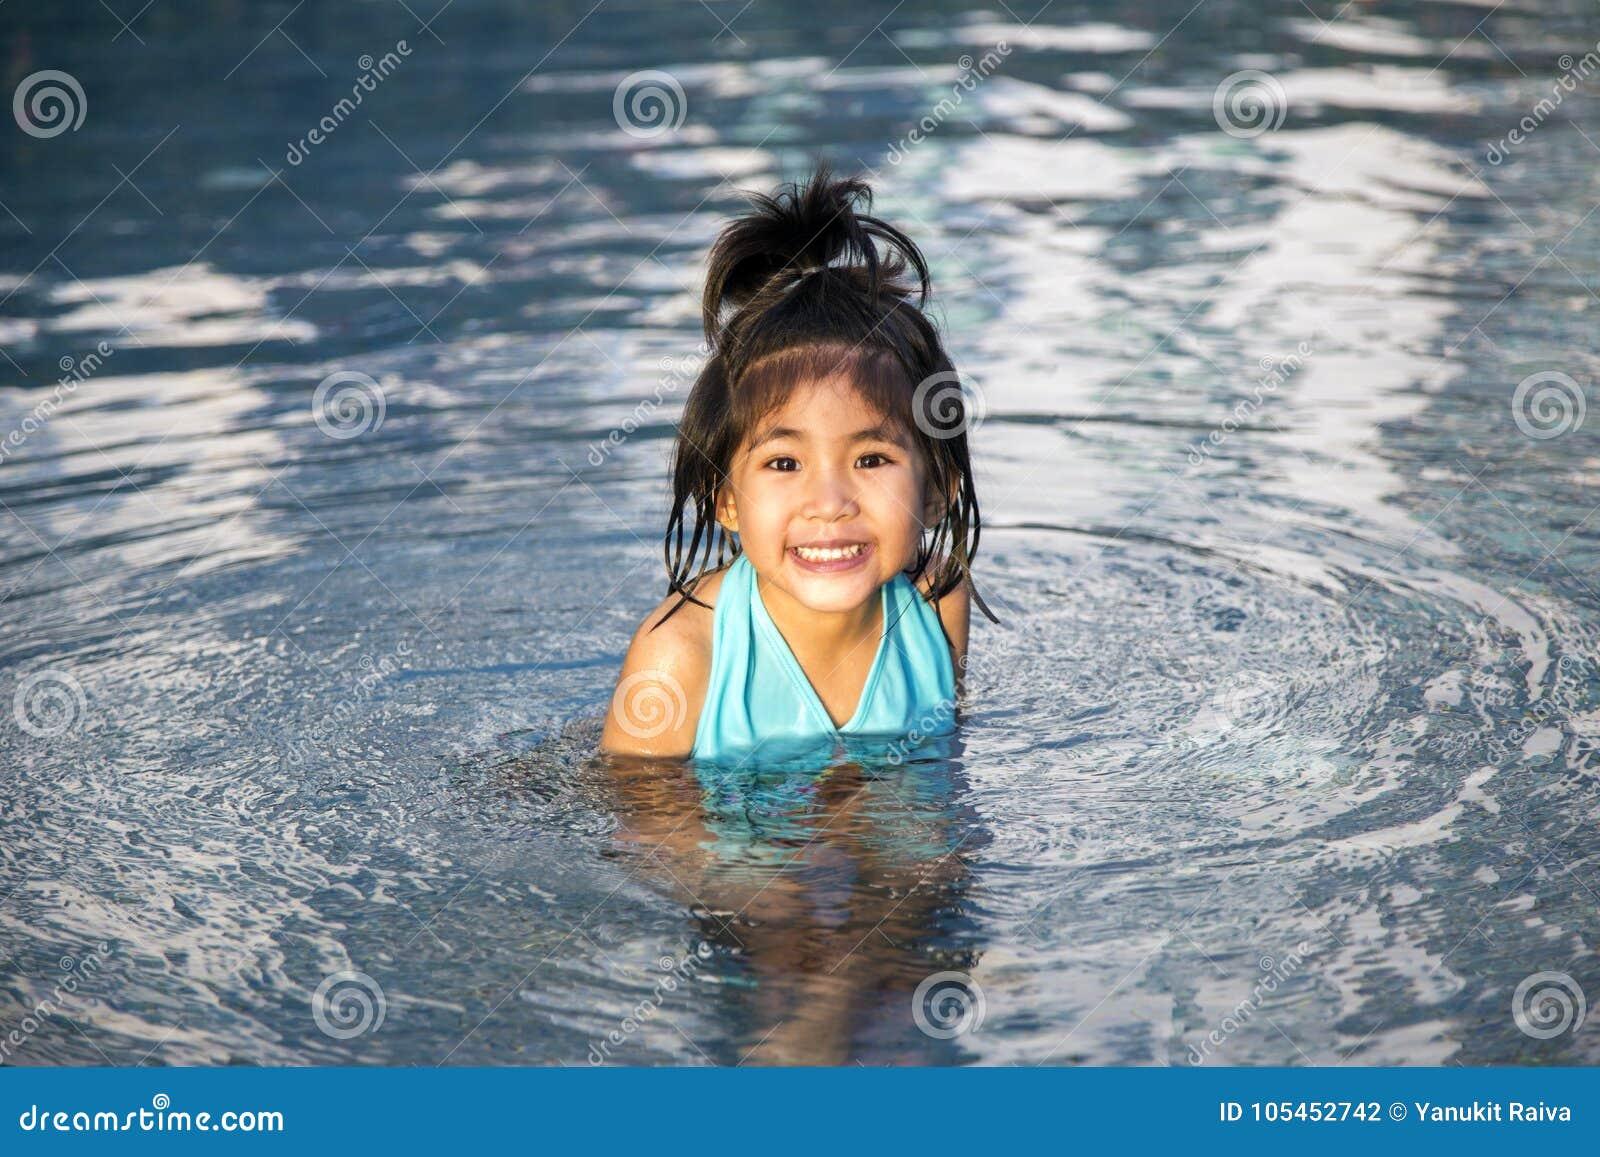 Asiatische Mädchenliebesschwimmen